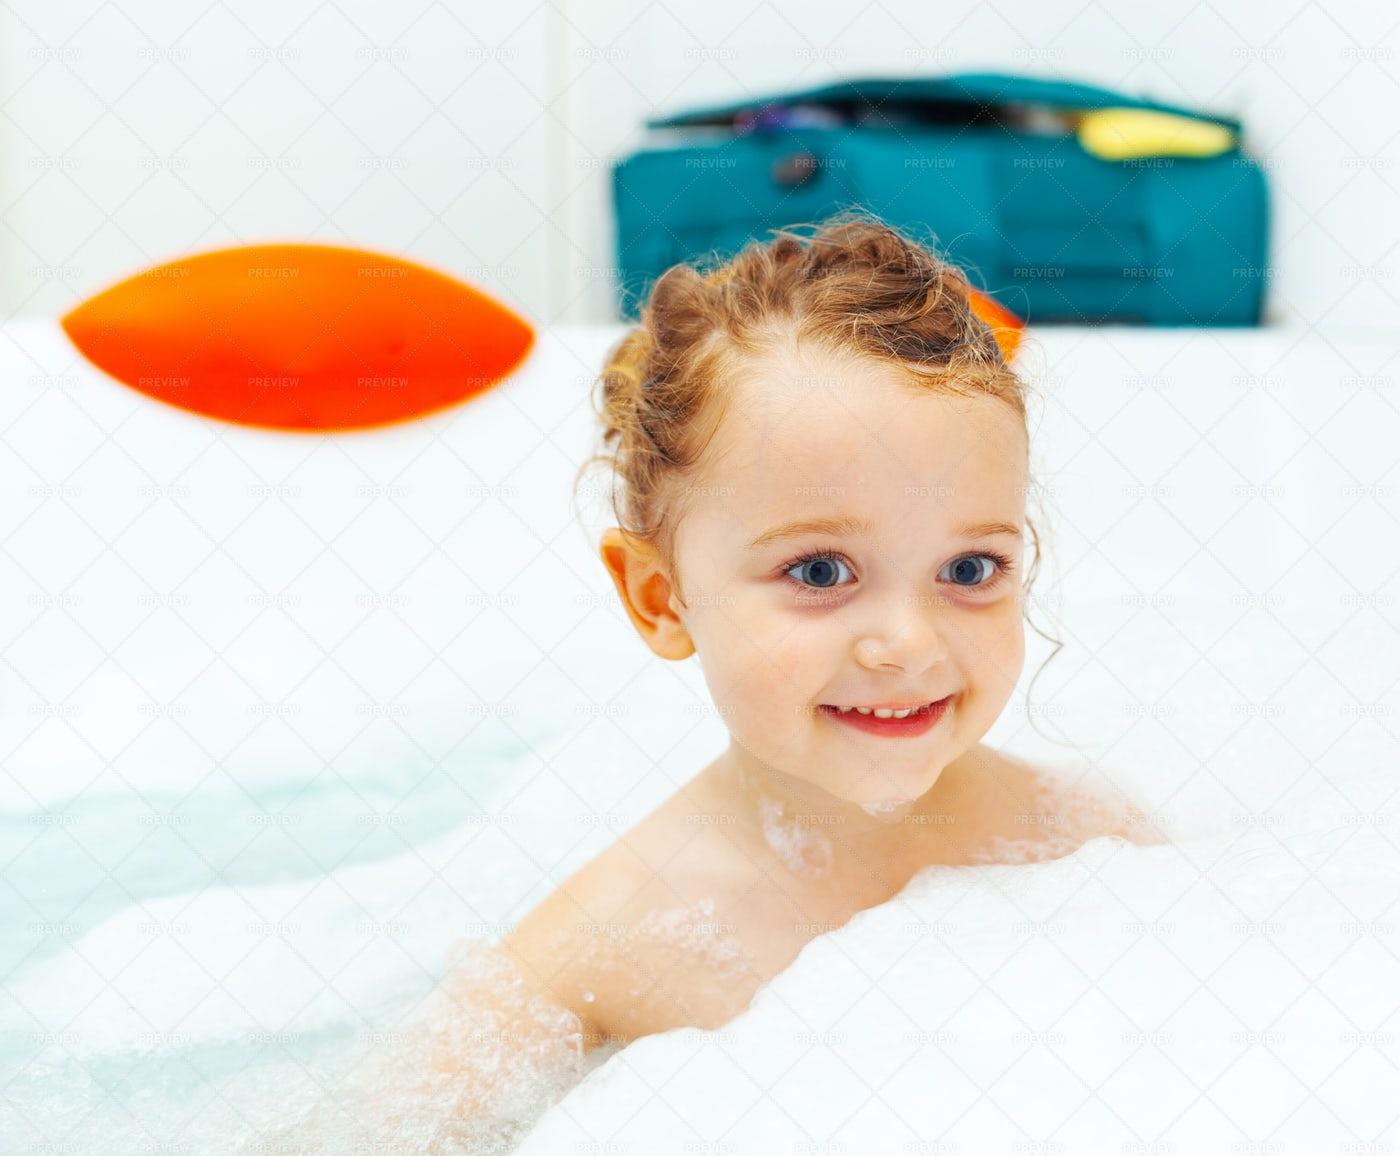 Little Girl Takes A Bath: Stock Photos